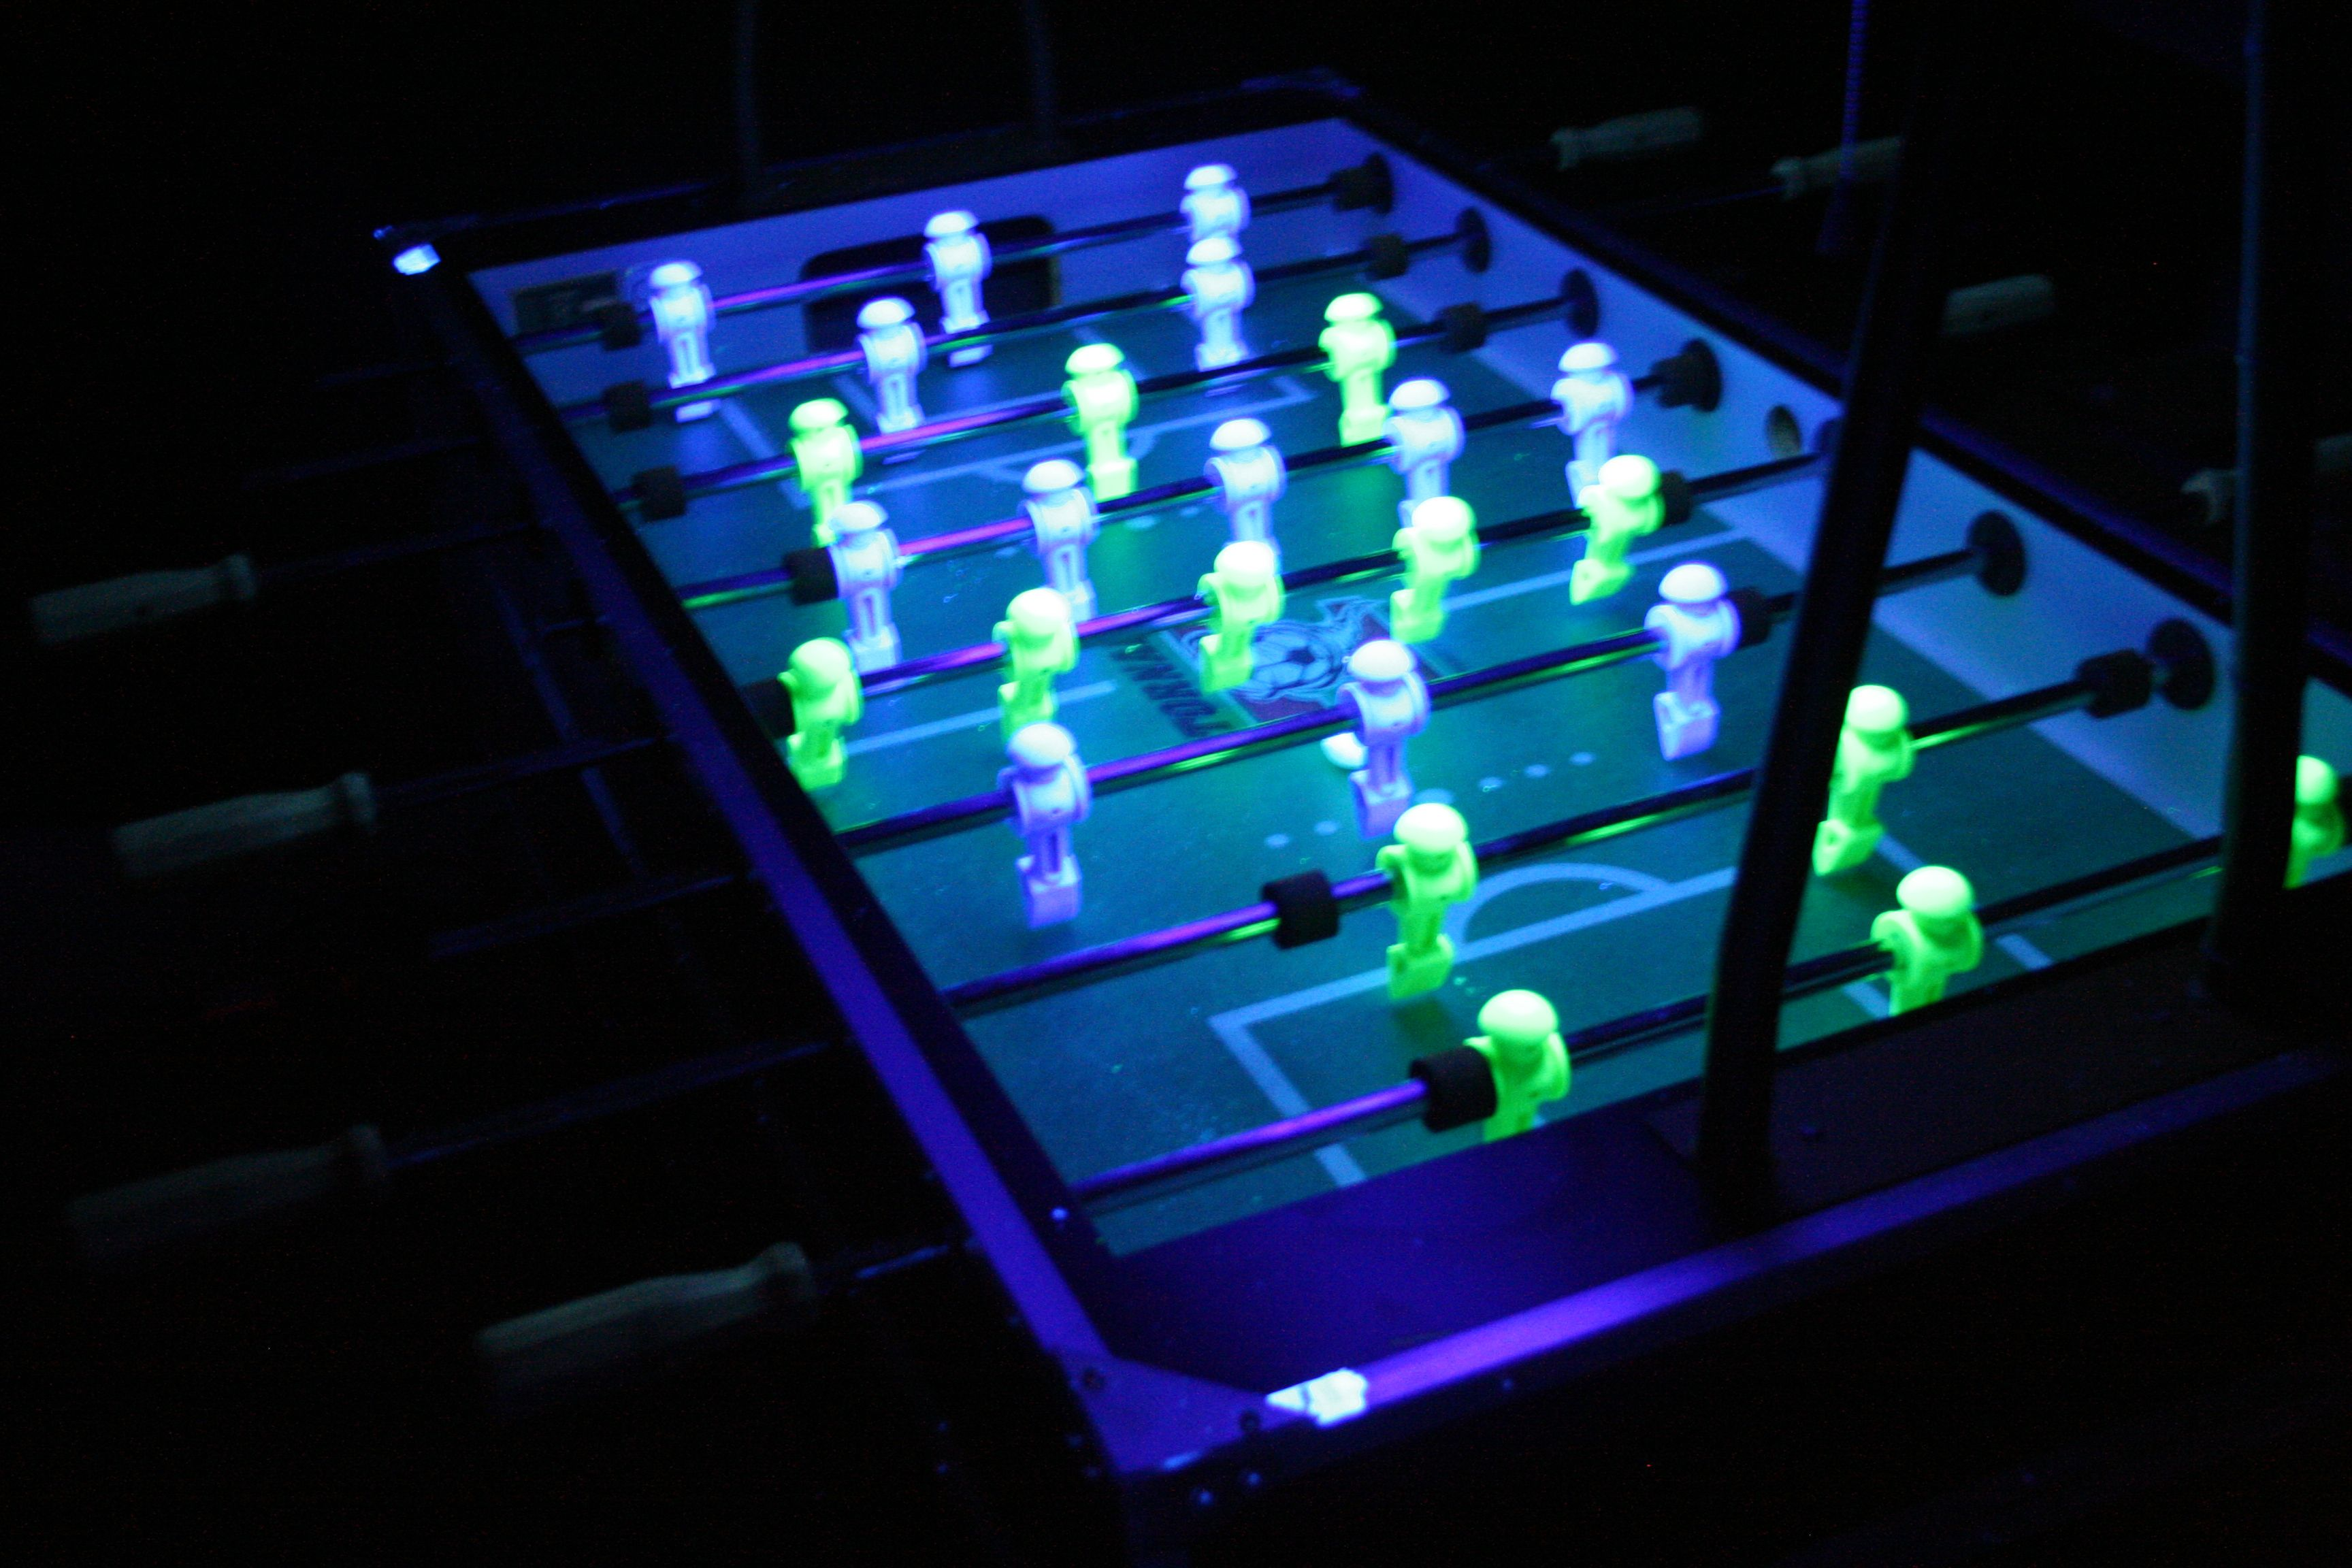 Black light foosball table